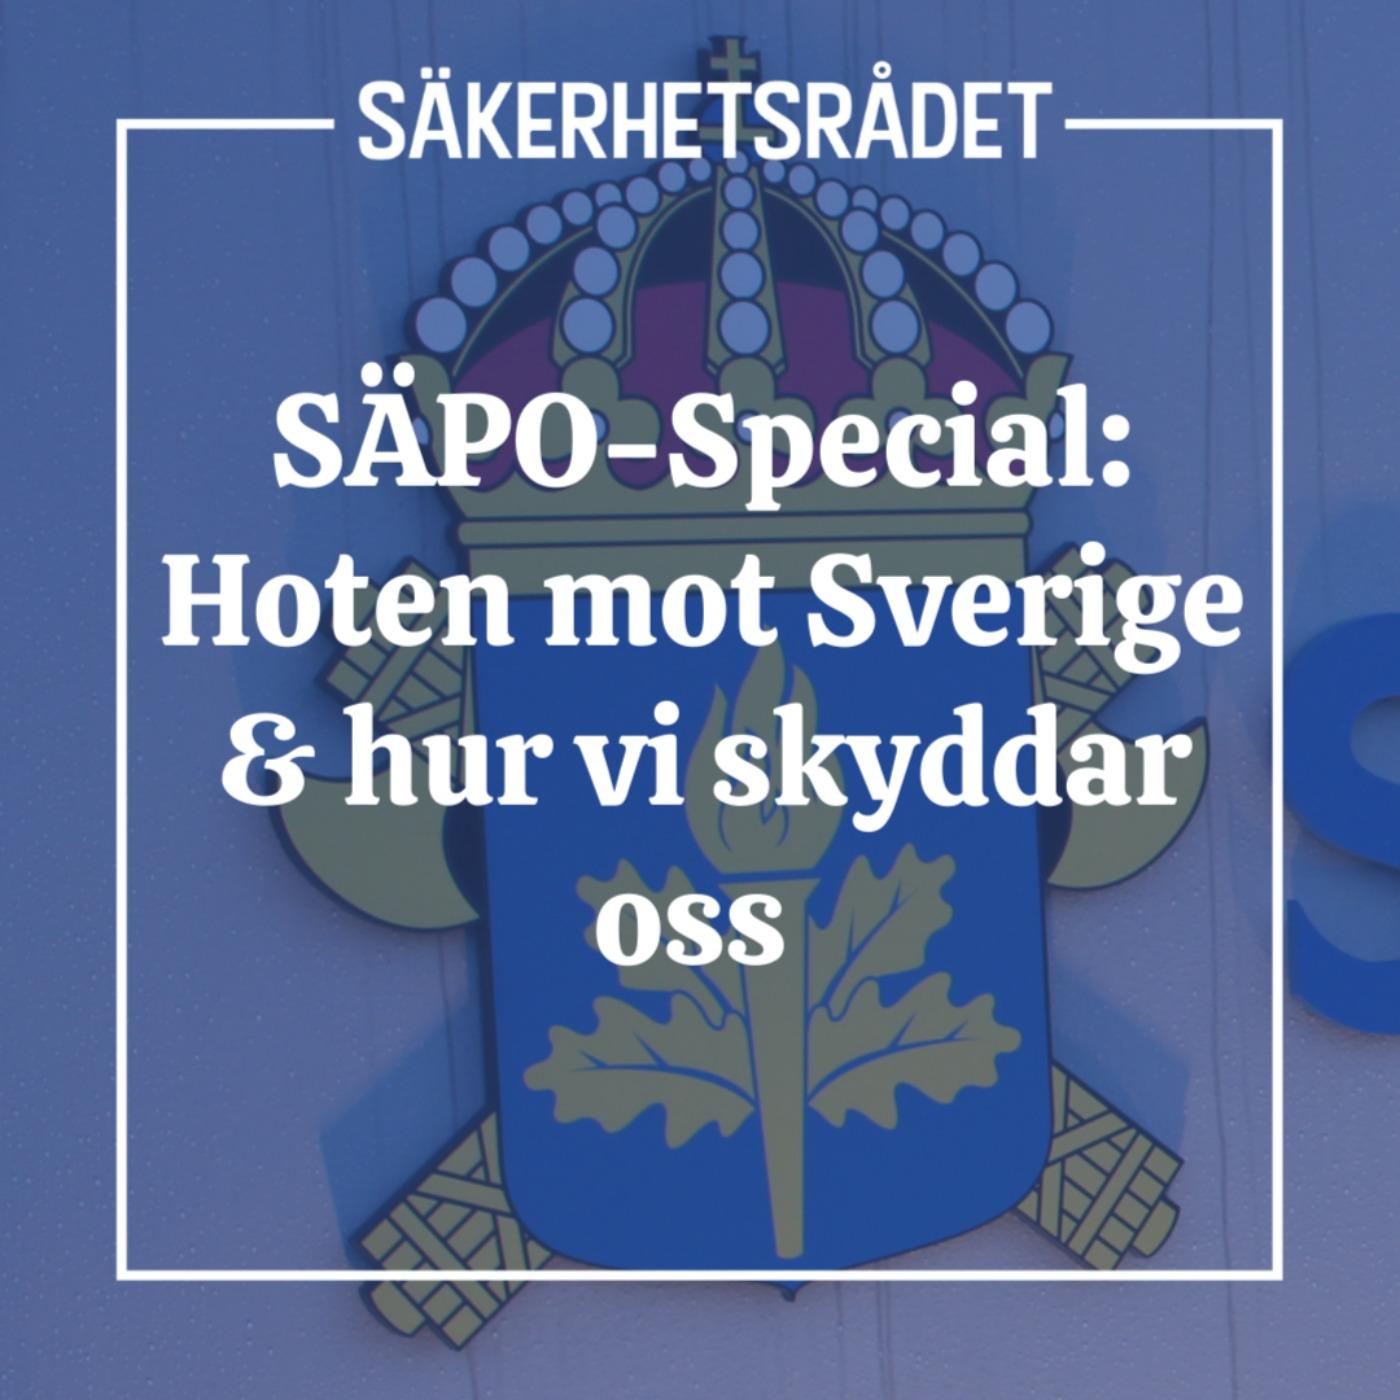 SÄPO-Special: Hoten mot Sverige & hur vi skyddar oss